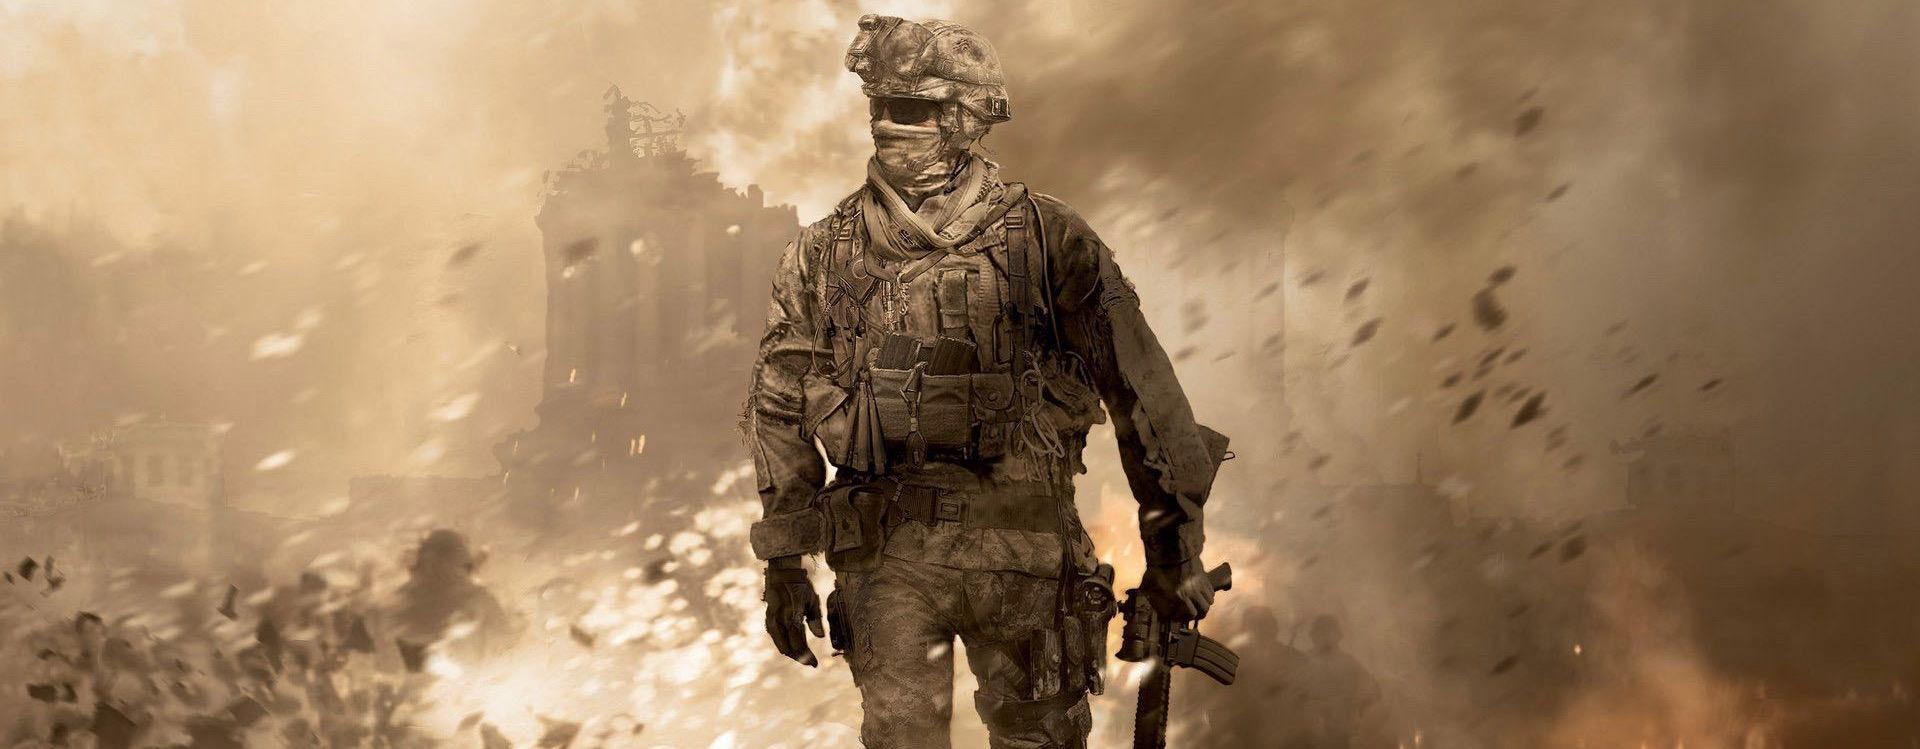 CoD Modern Warfare 2 Remastered Release-Datum geleakt – Auch MW 3 Remastered kommt